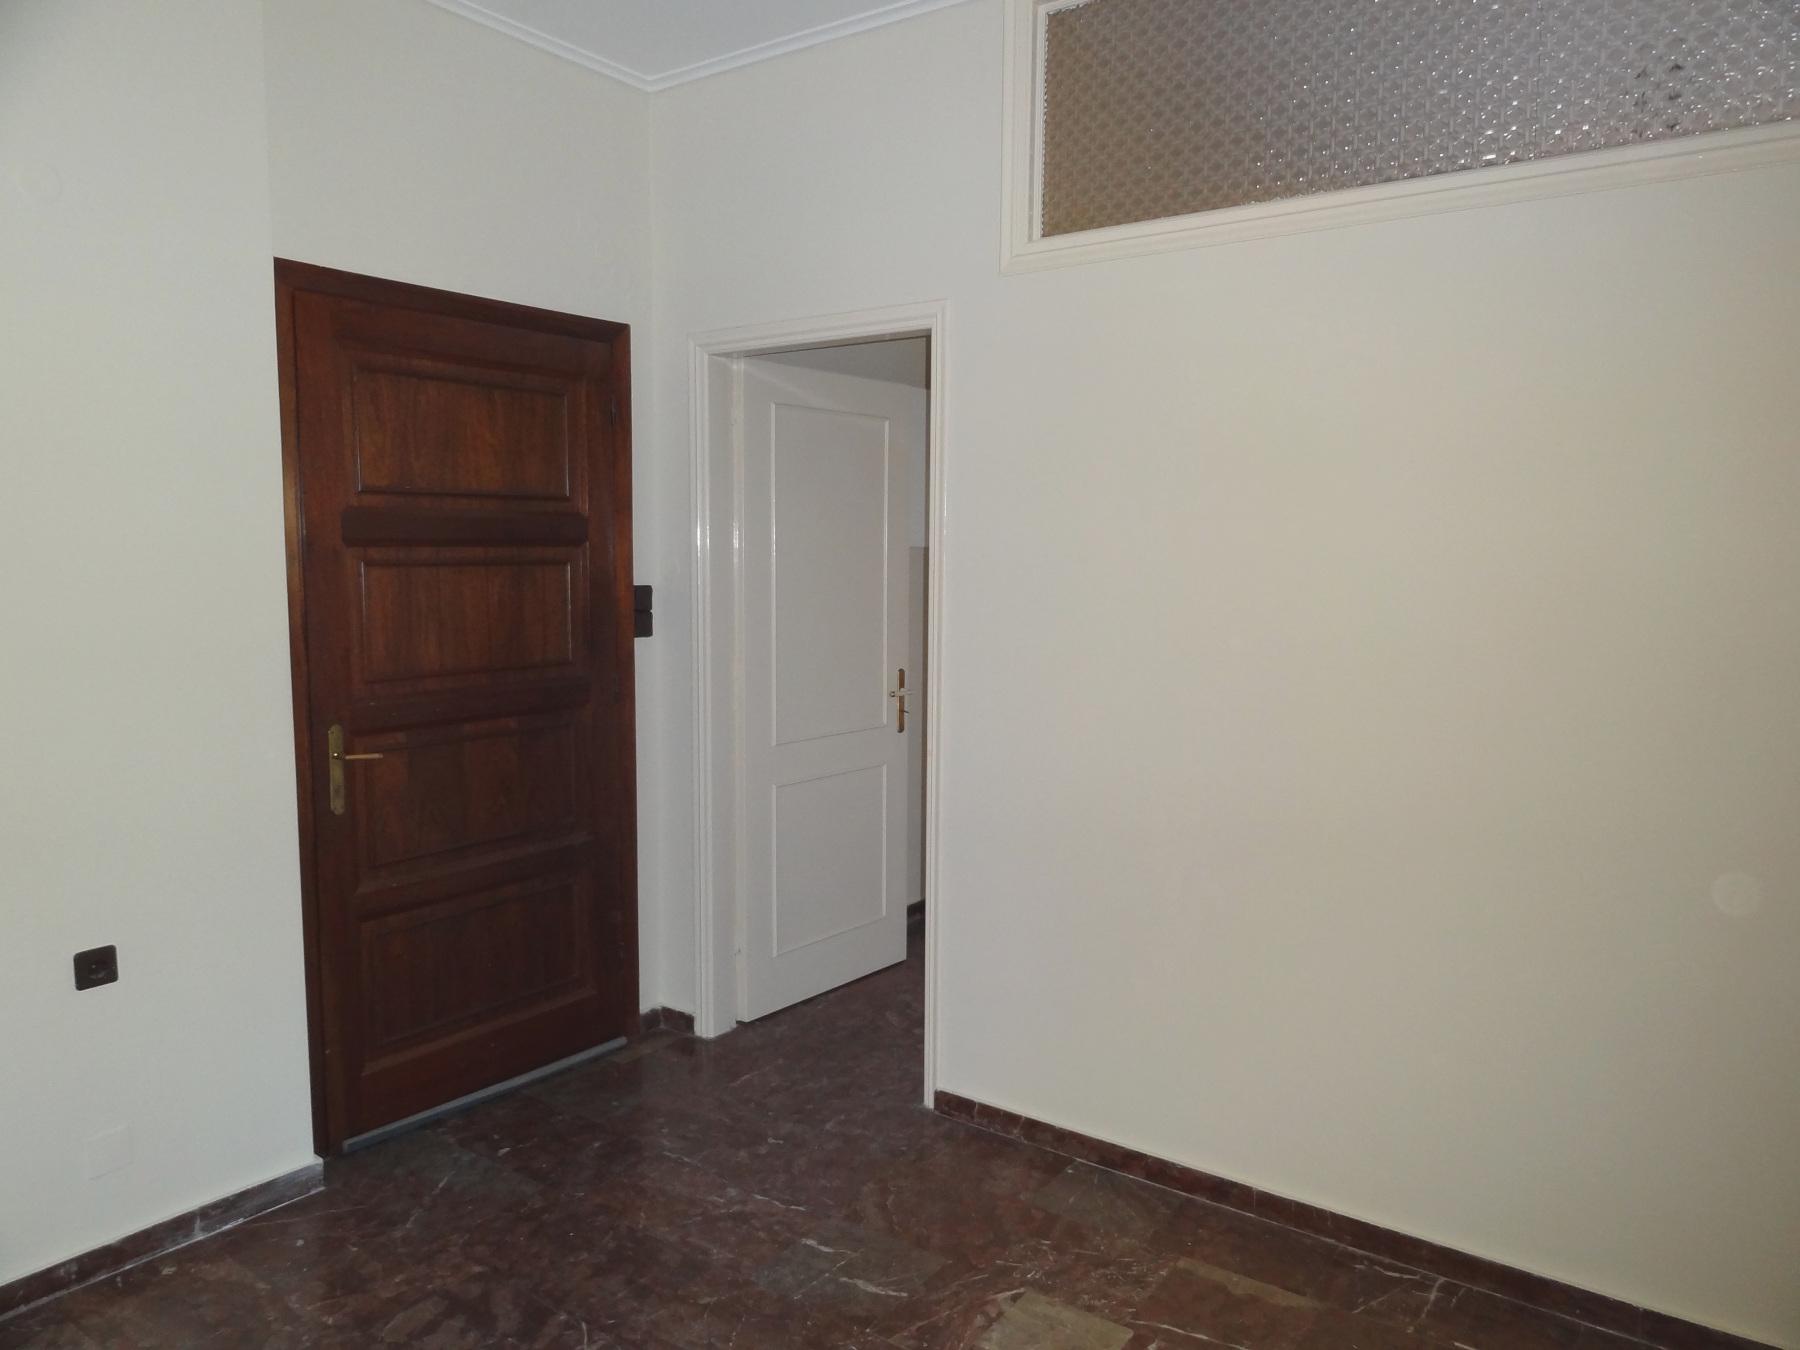 Ενοικιάζεται 2αρι διαμέρισμα 48 τ.μ. 3ου ορόφου στο κέντρο της πόλης των Ιωαννίνων πλησίον της Ακαδημίας